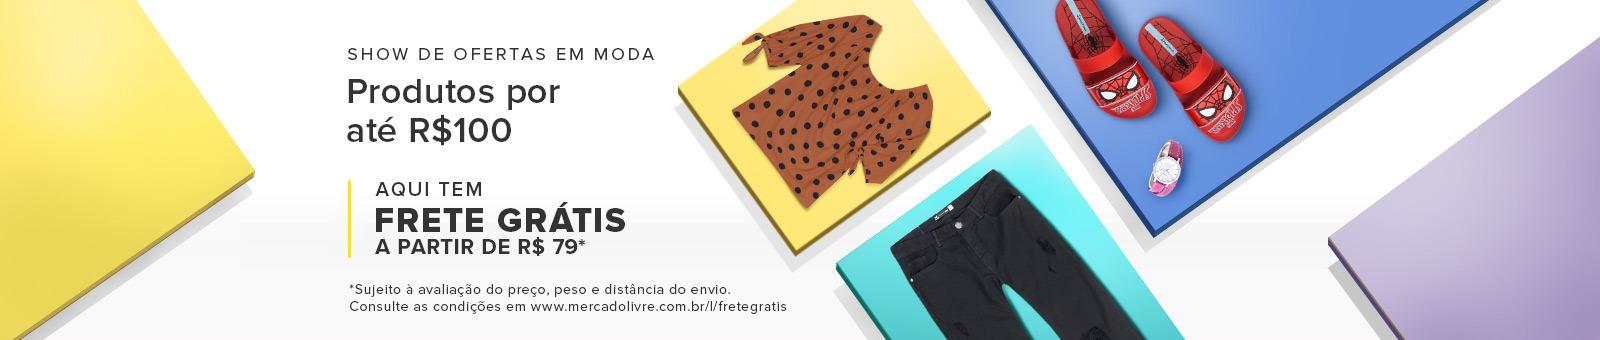 Show De Ofertas Em Moda